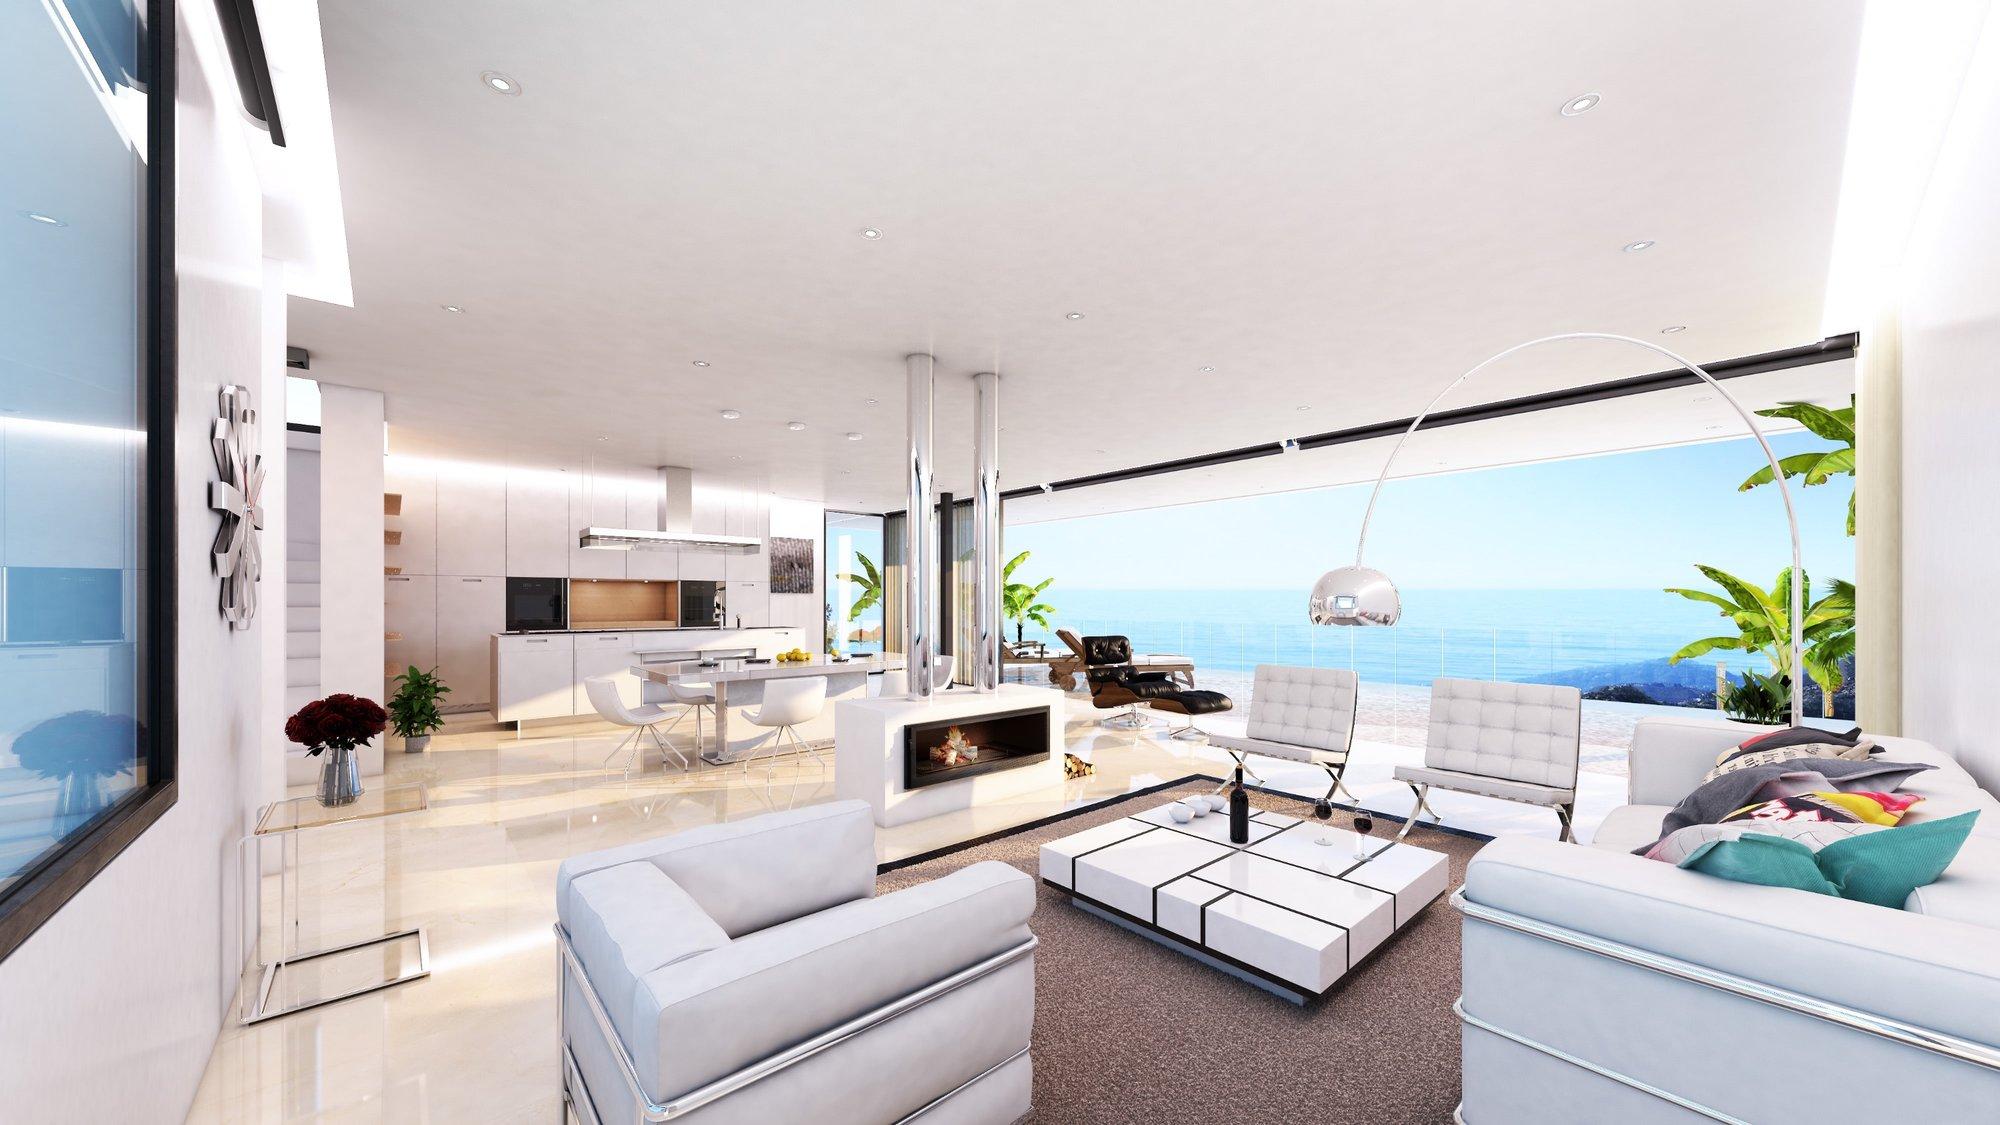 4 Bedroom 5 Bathroom Villa For Sale In Nueva Andalucia Marbella